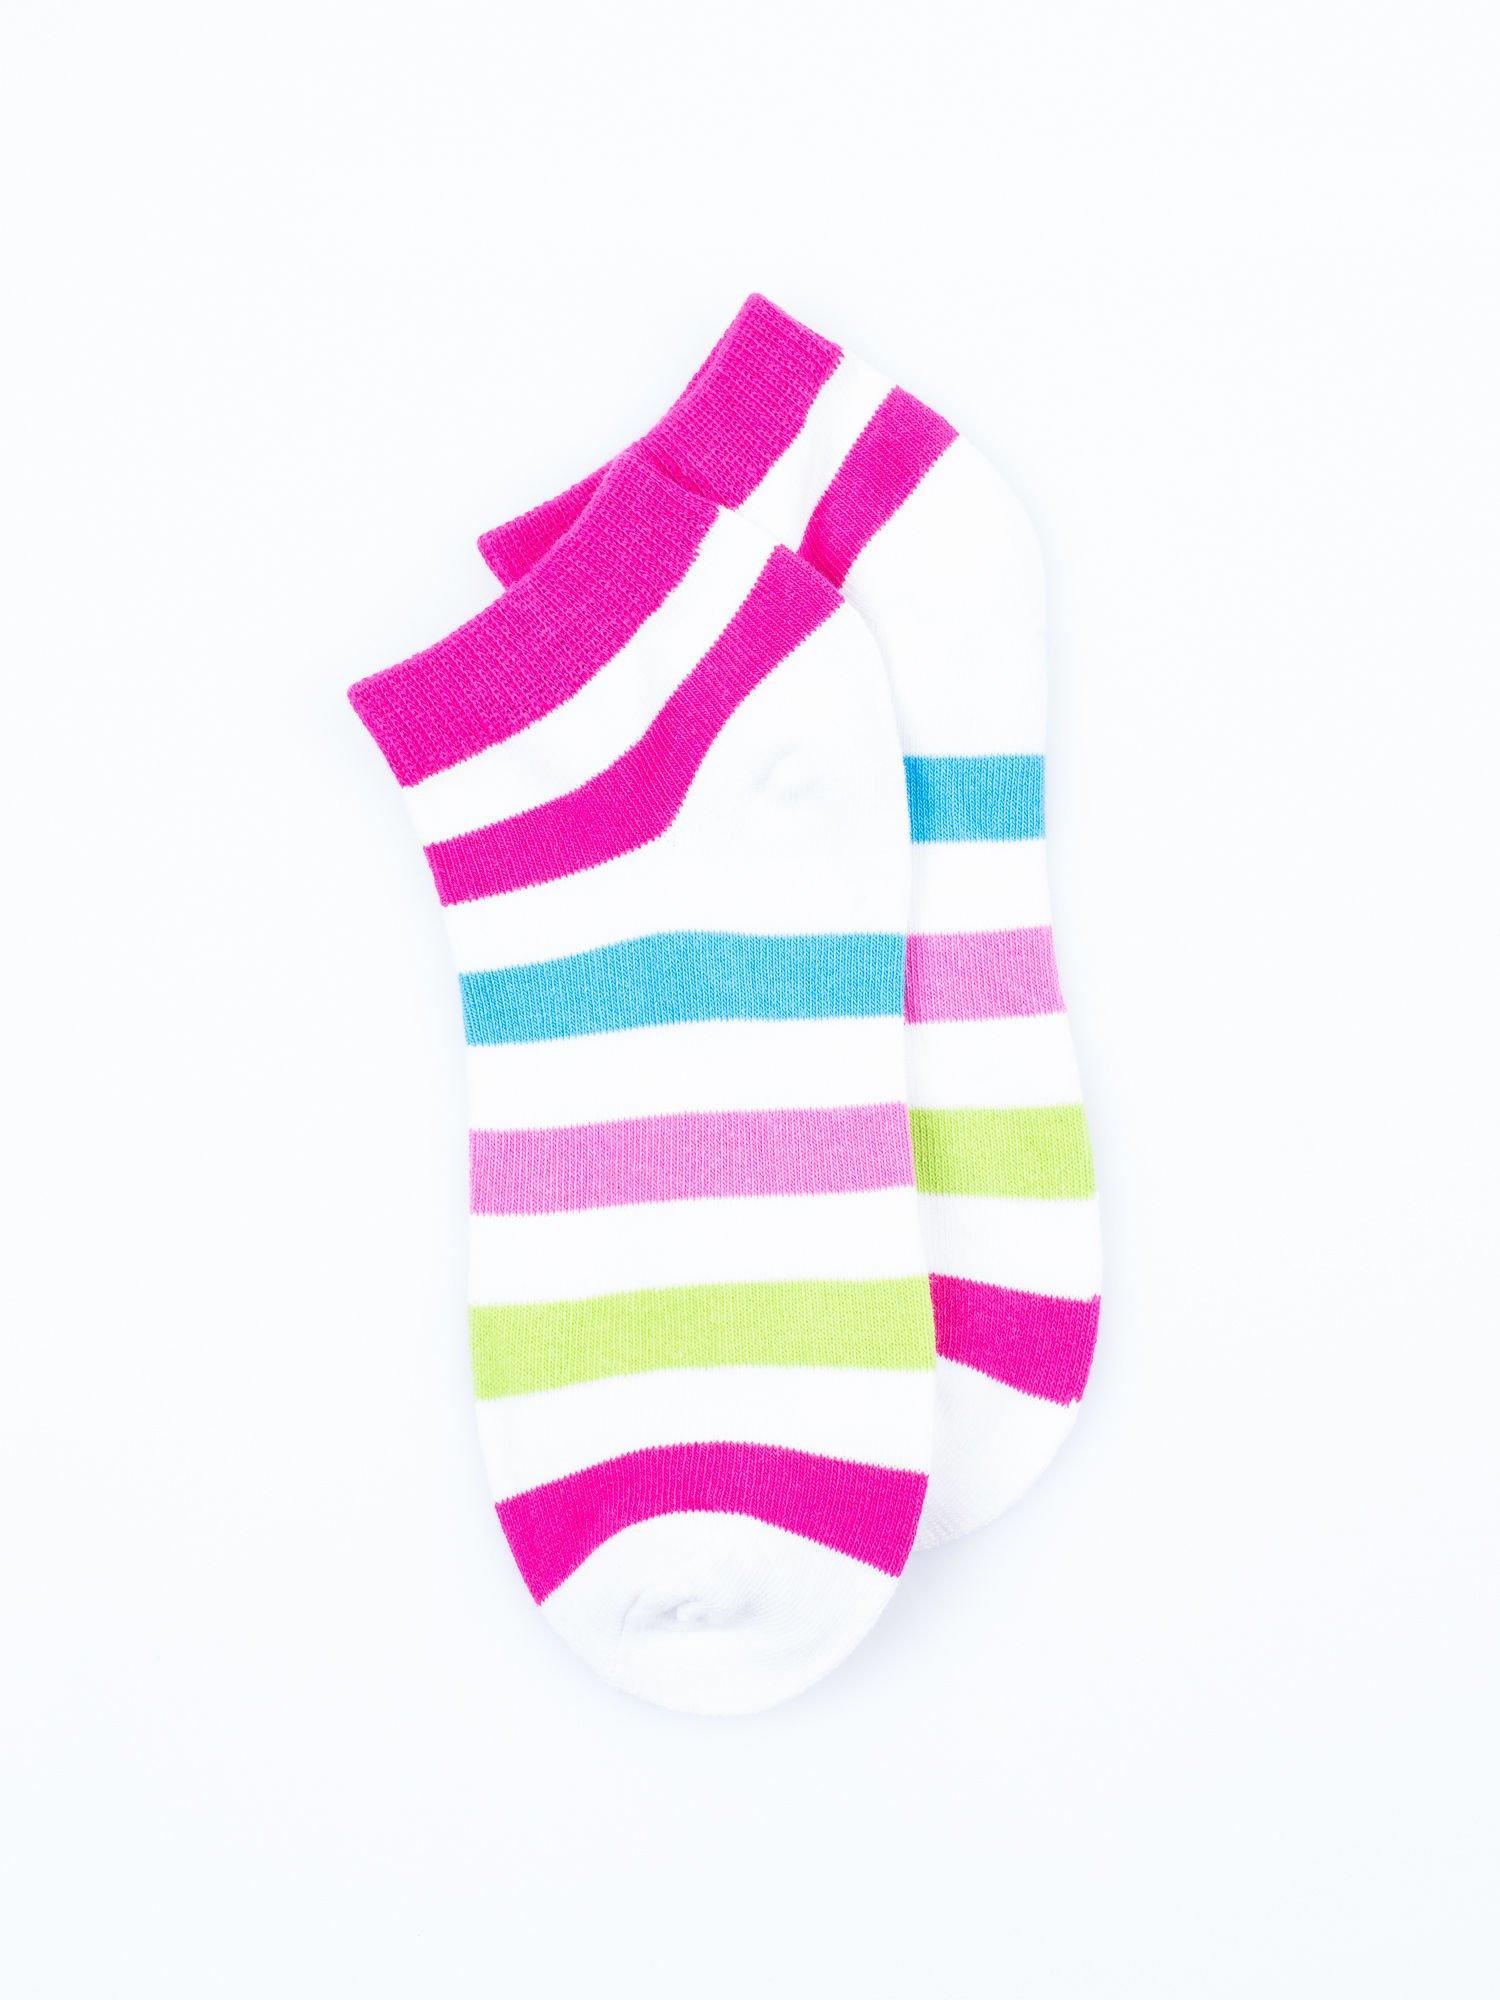 Skarpetki damskie stopki biały-niebieski paski zestaw 2 pary                                  zdj.                                  3